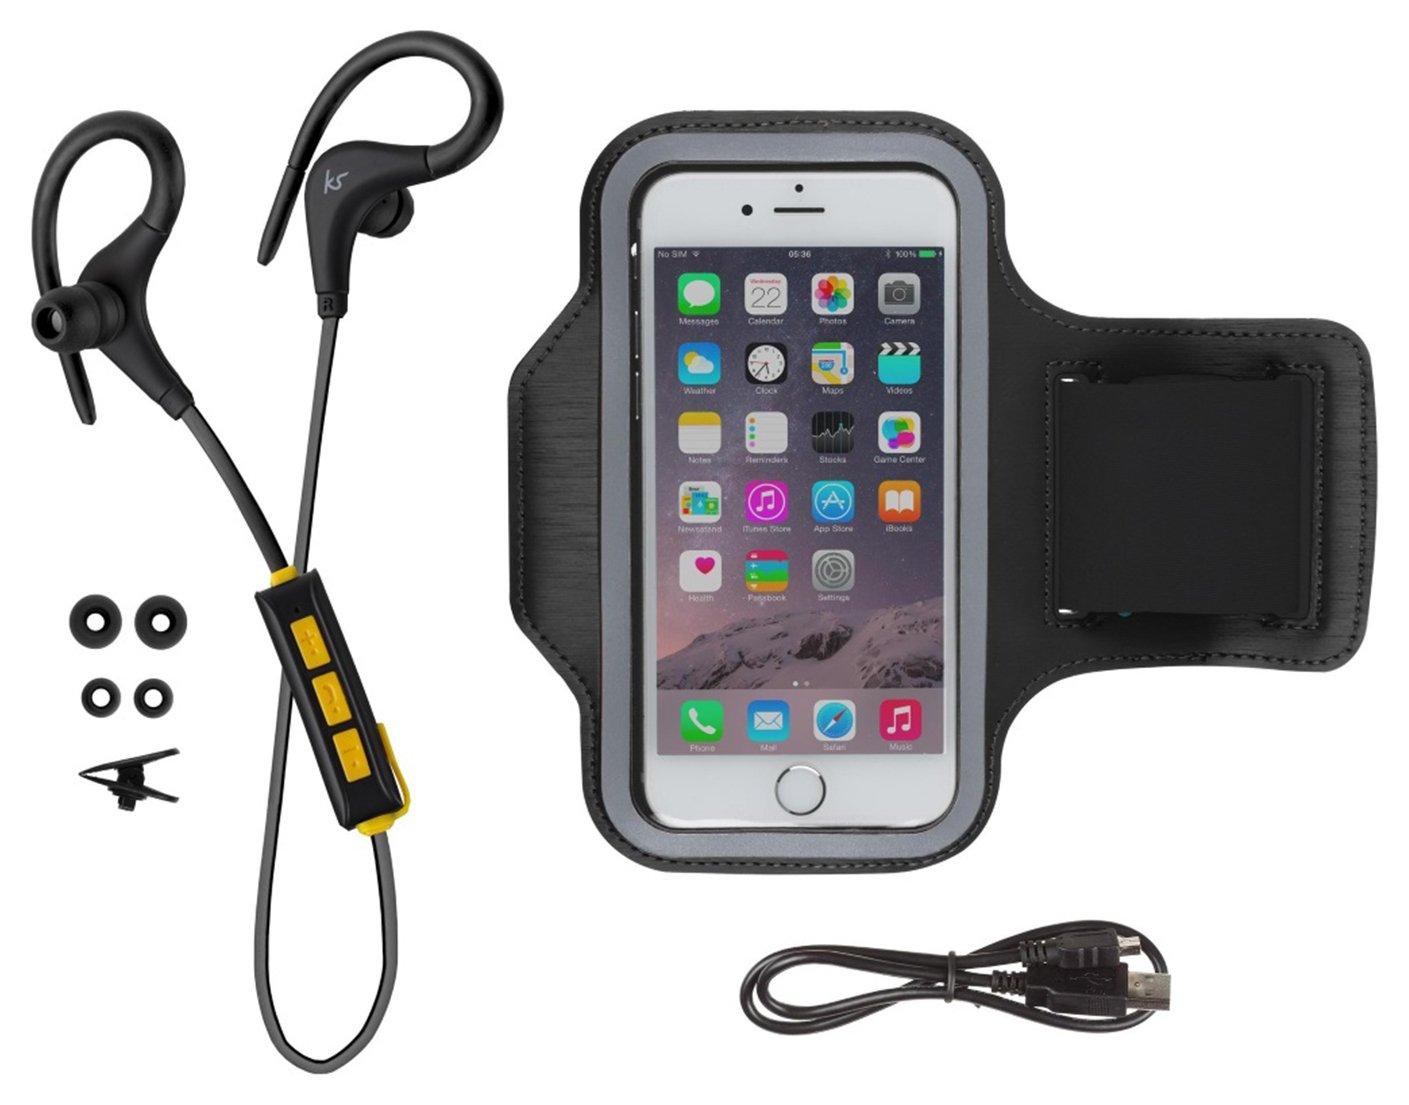 KitSound Race Wireless In-Ear Sports Headphones - Black